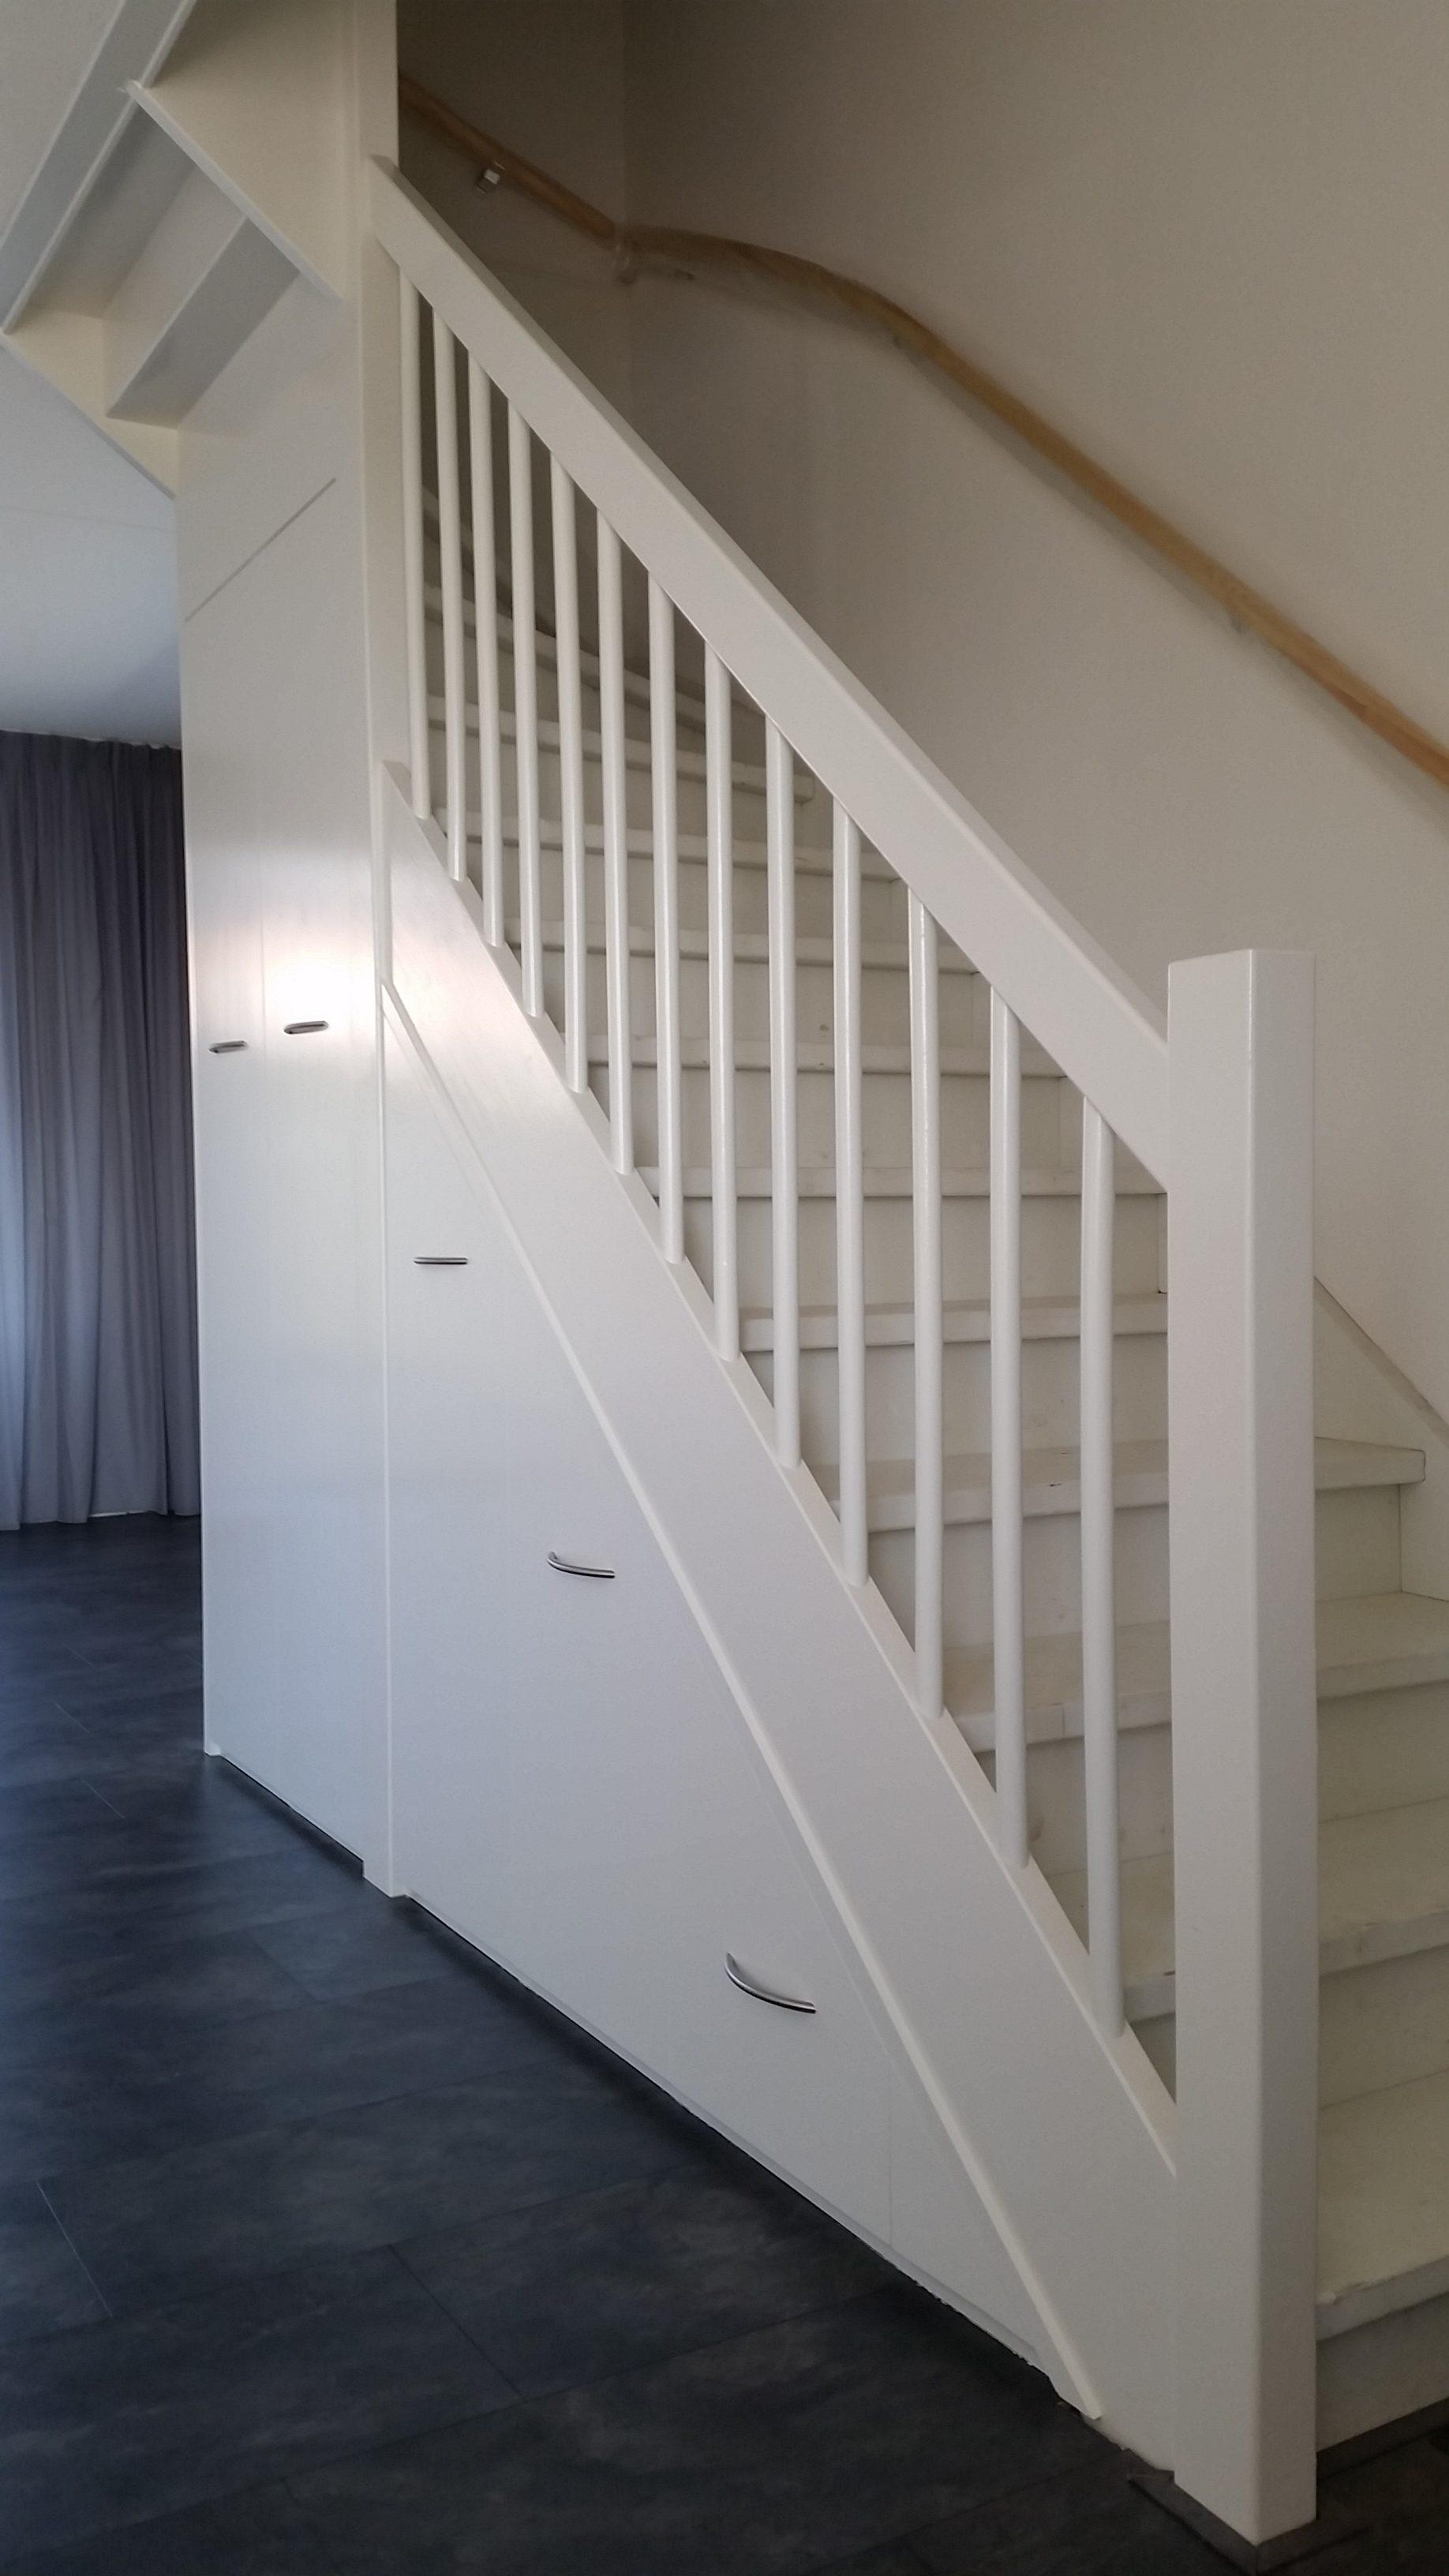 trapkast afgerond, schuin aanzicht